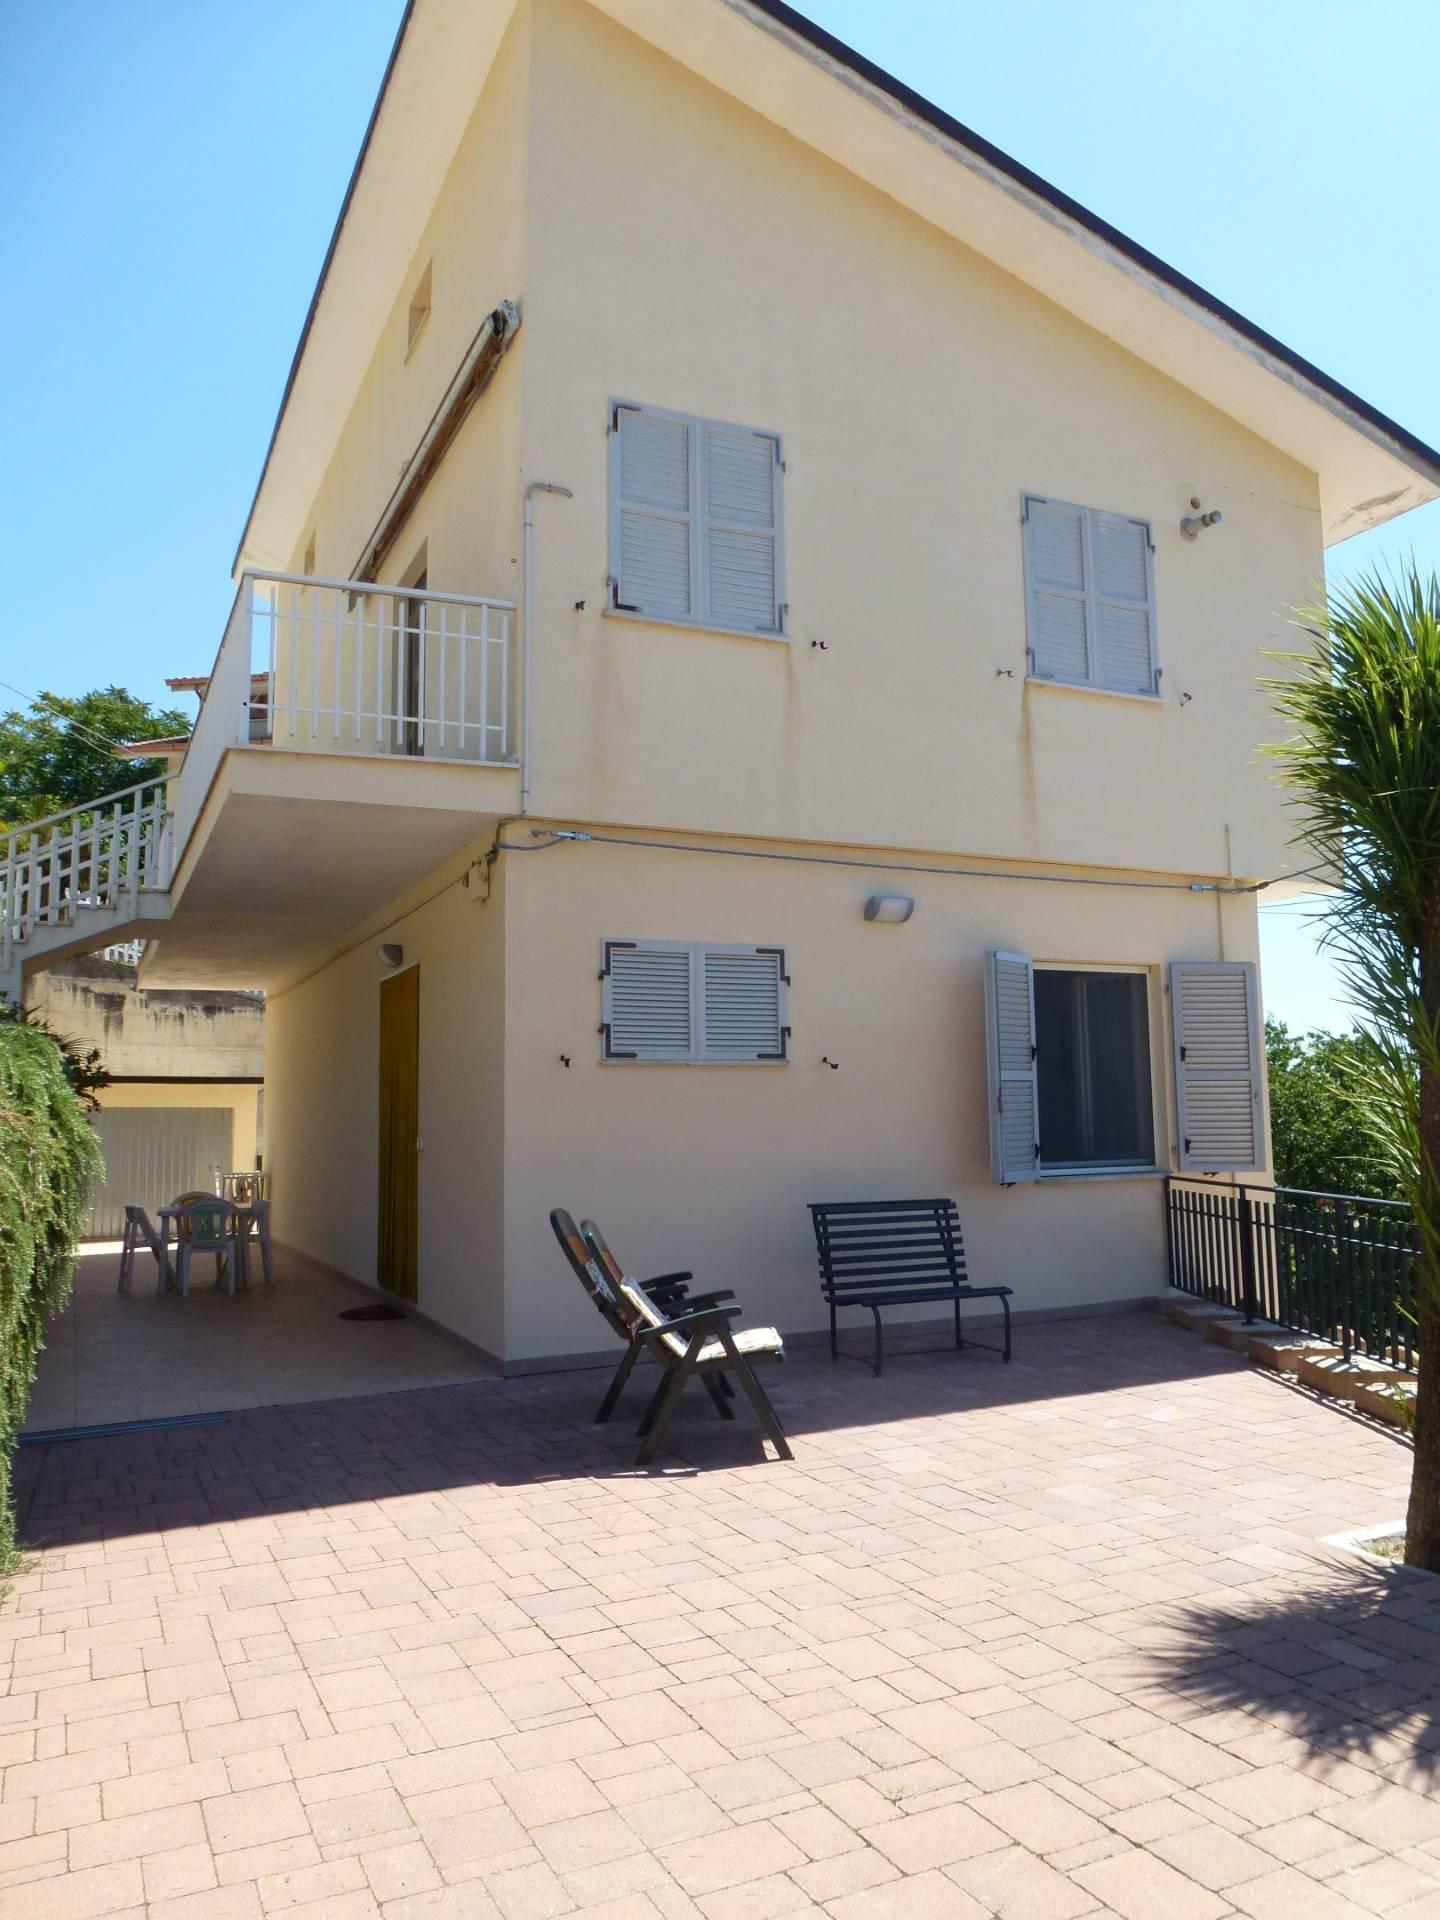 Appartamento in vendita a Montegiorgio, 5 locali, prezzo € 72.000   PortaleAgenzieImmobiliari.it